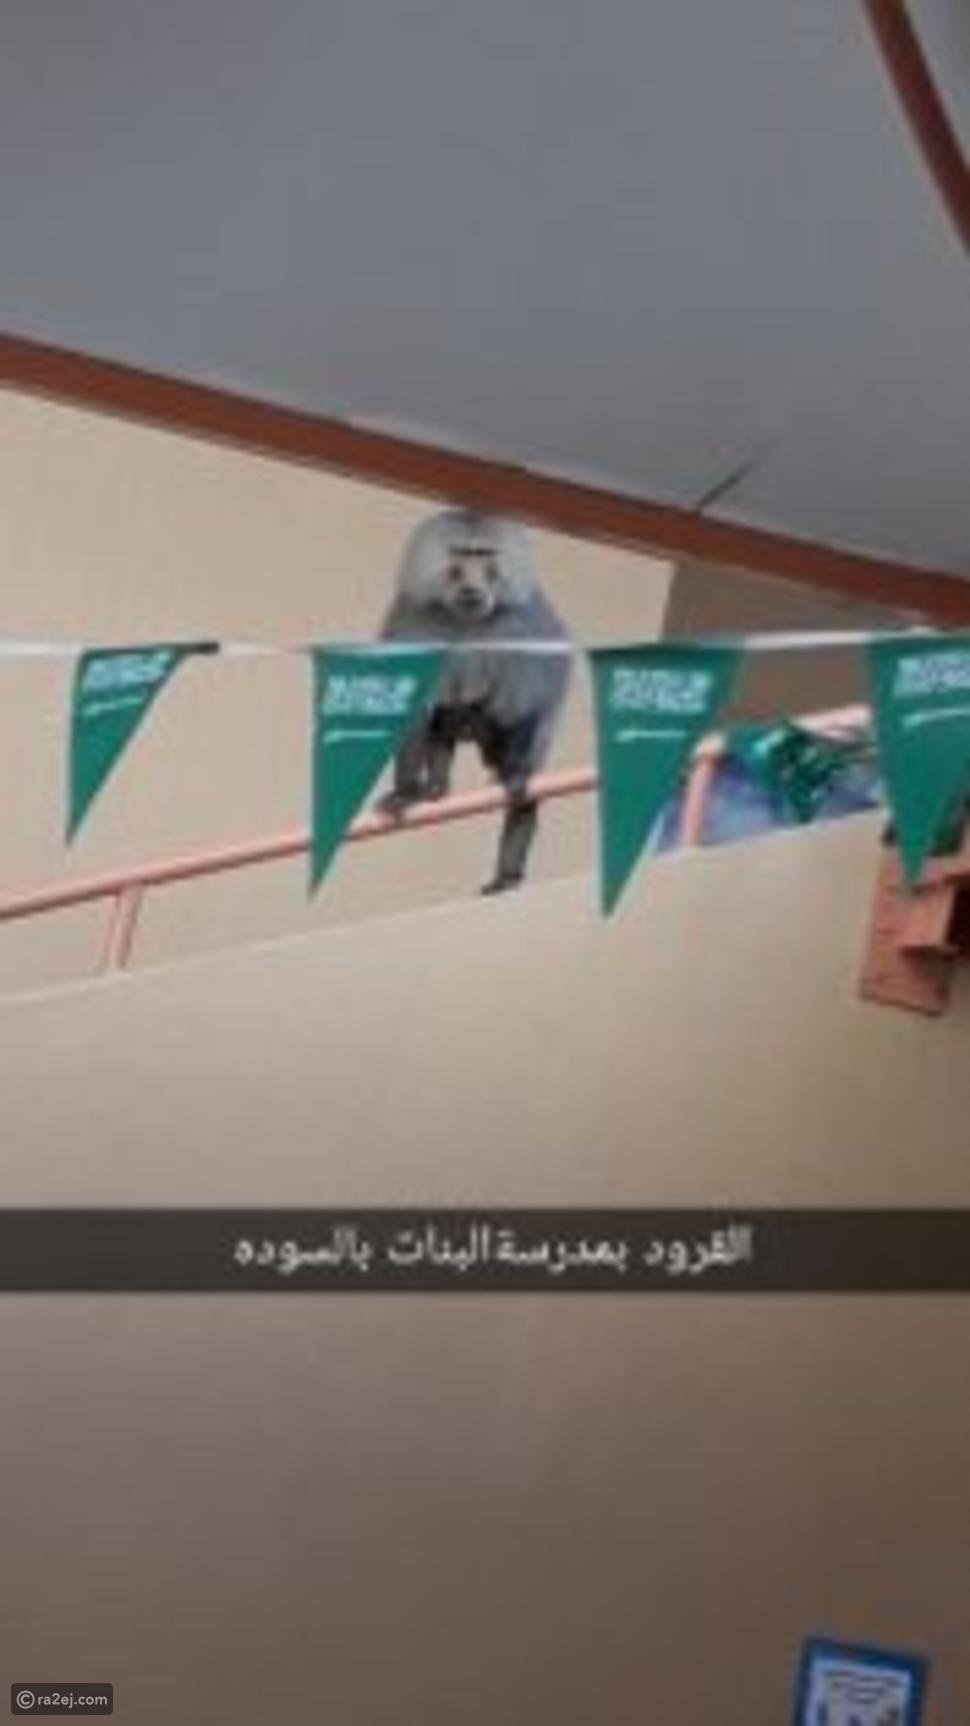 القرود تهاجم الطالبات في السعودية